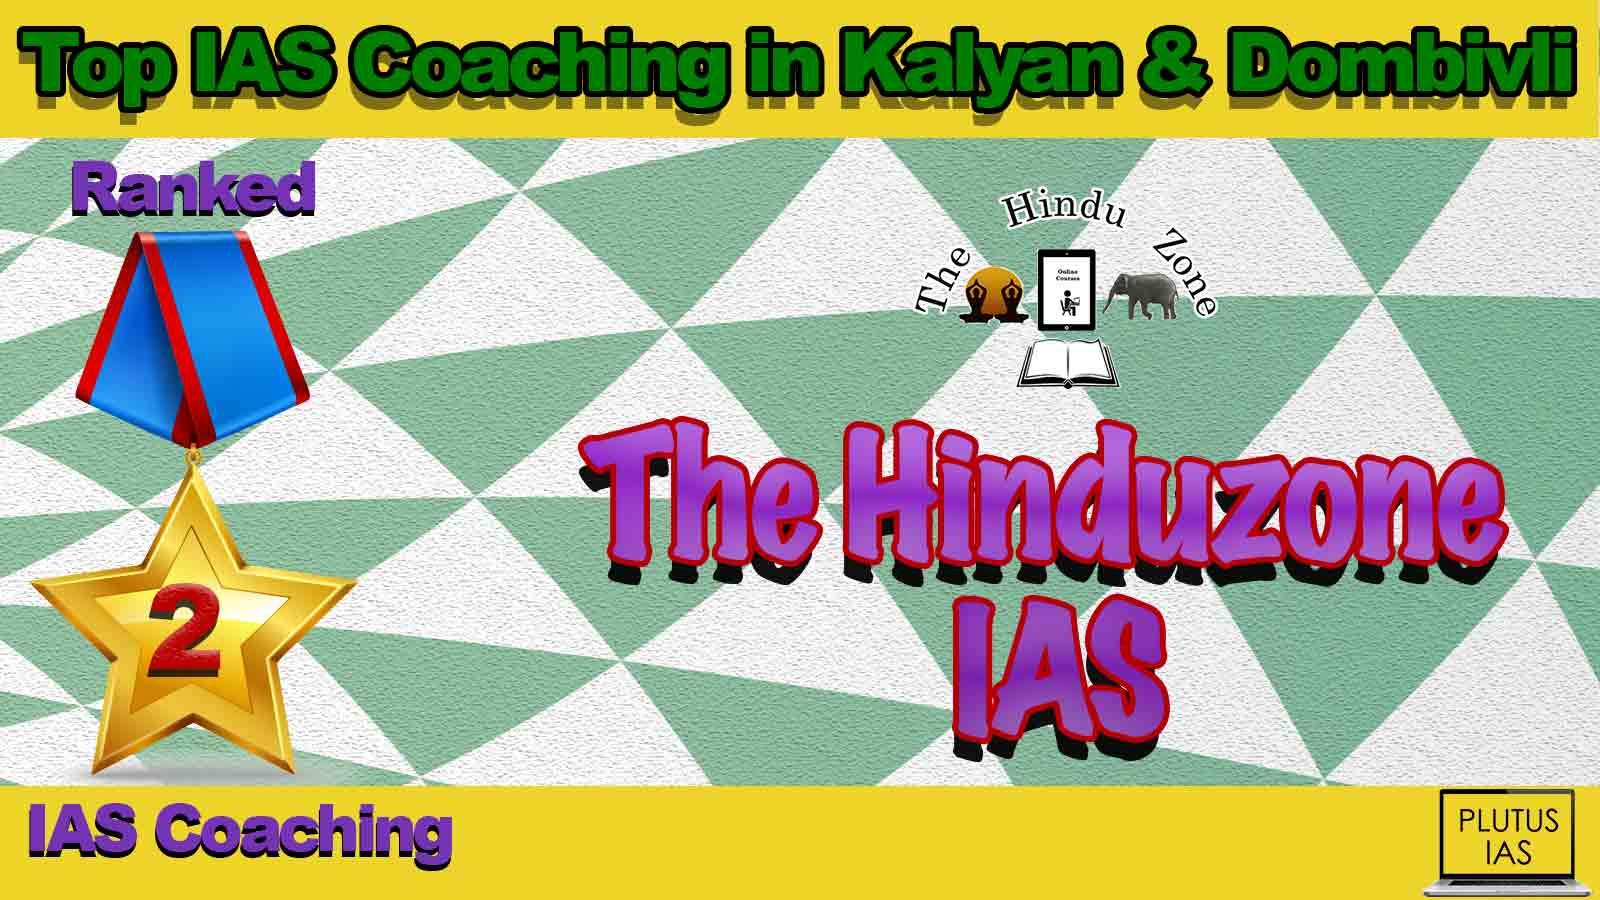 Best IAS Coaching in Kalyan & Dombivli